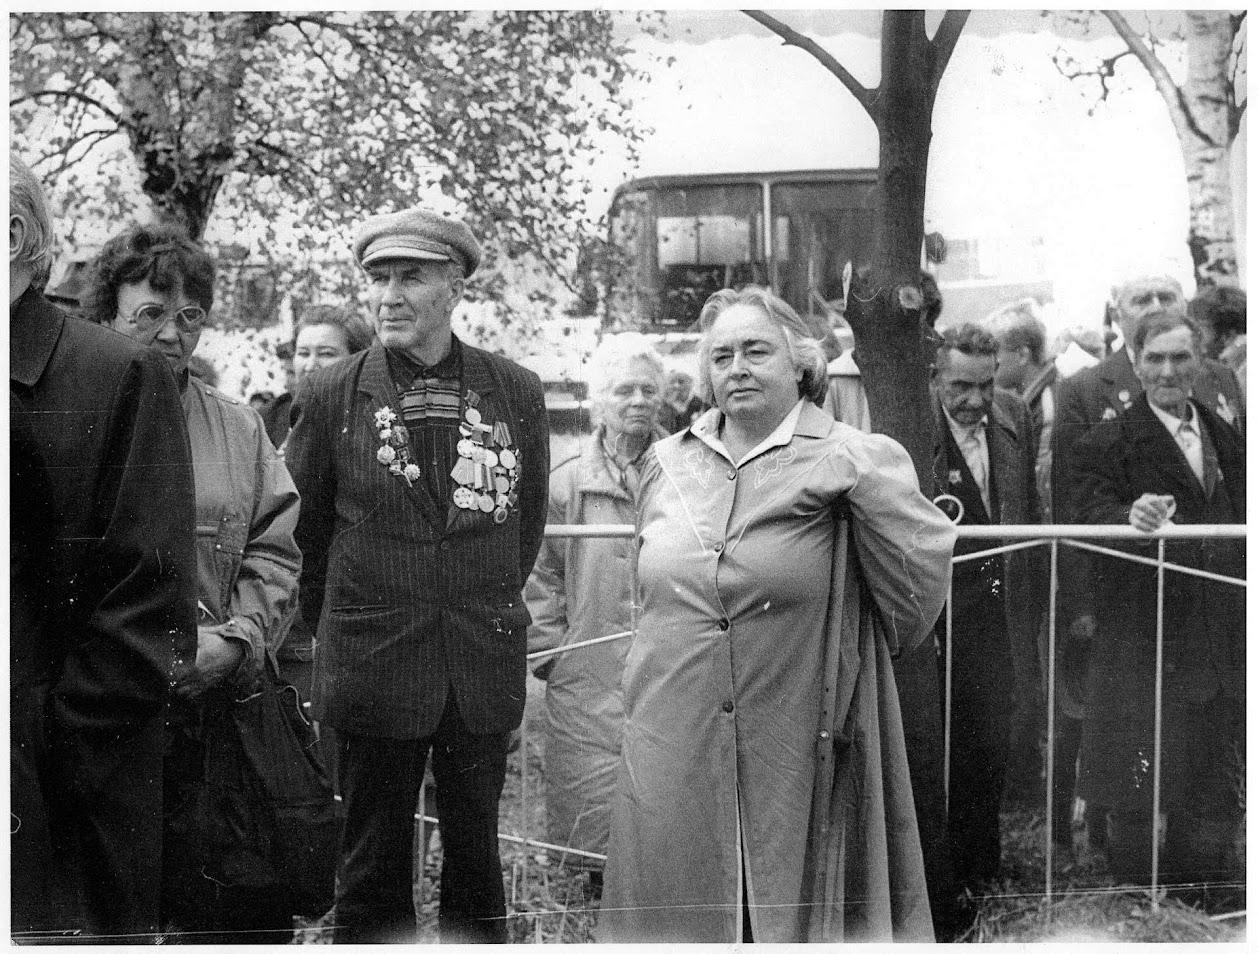 Клушина, Мигунов, Жукова на месте боёв под Ельней. 17.09.1991 года.